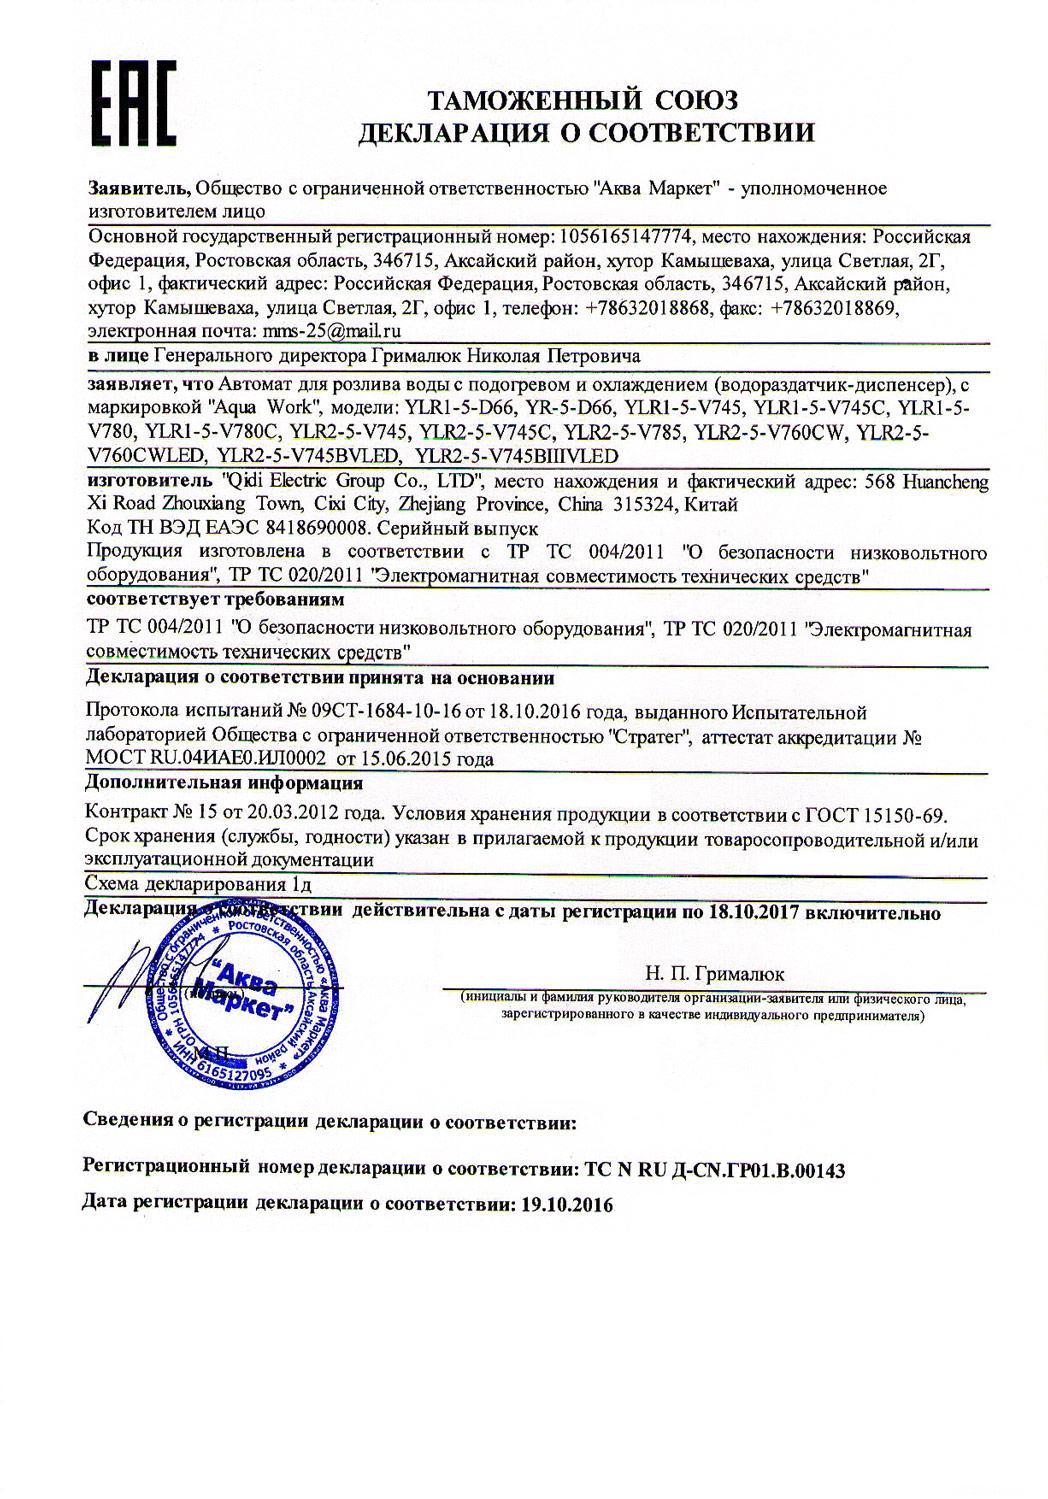 кулер Aqua Work V745B сертификат